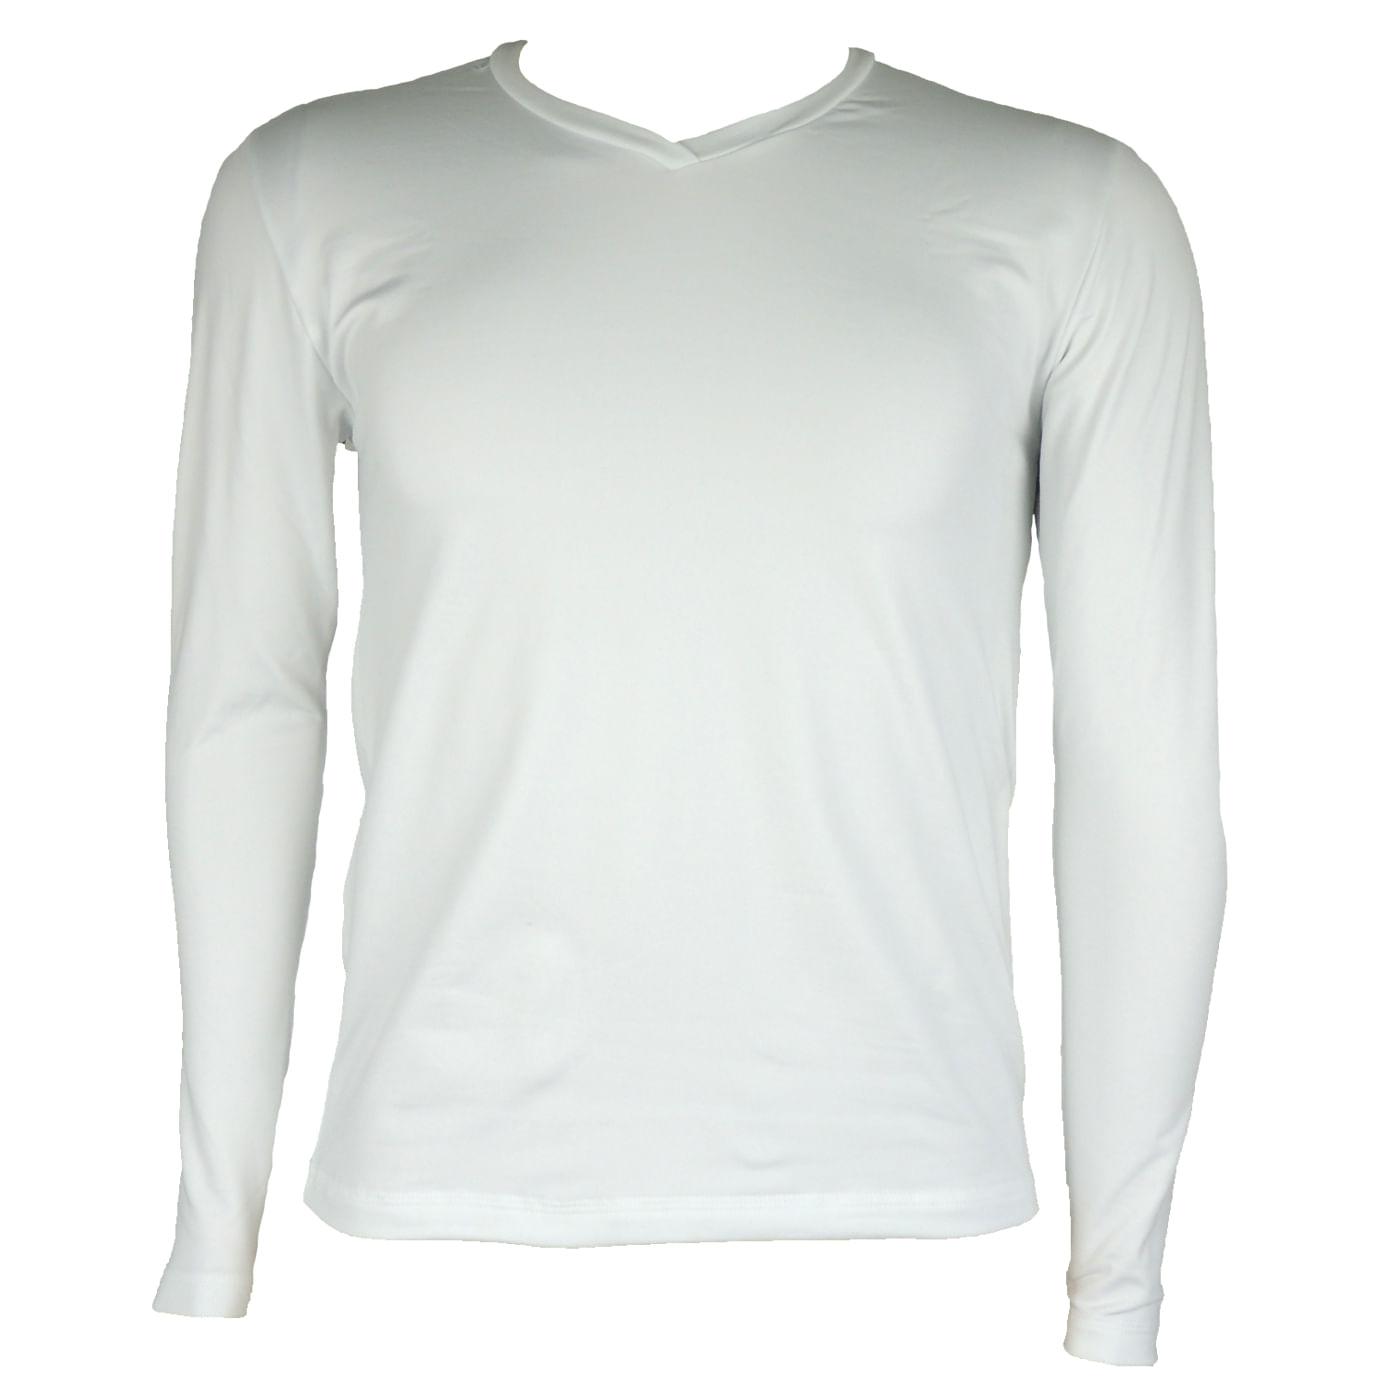 a55ffb8d68a9b Blusa térmica masculina gola v cor branca para o inverno - fieroshop